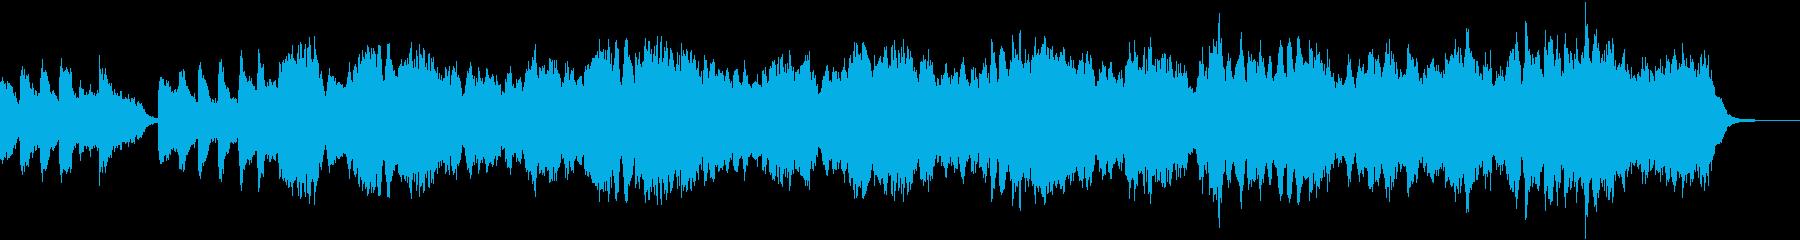 愛情たっぷりなフルートのBGMの再生済みの波形